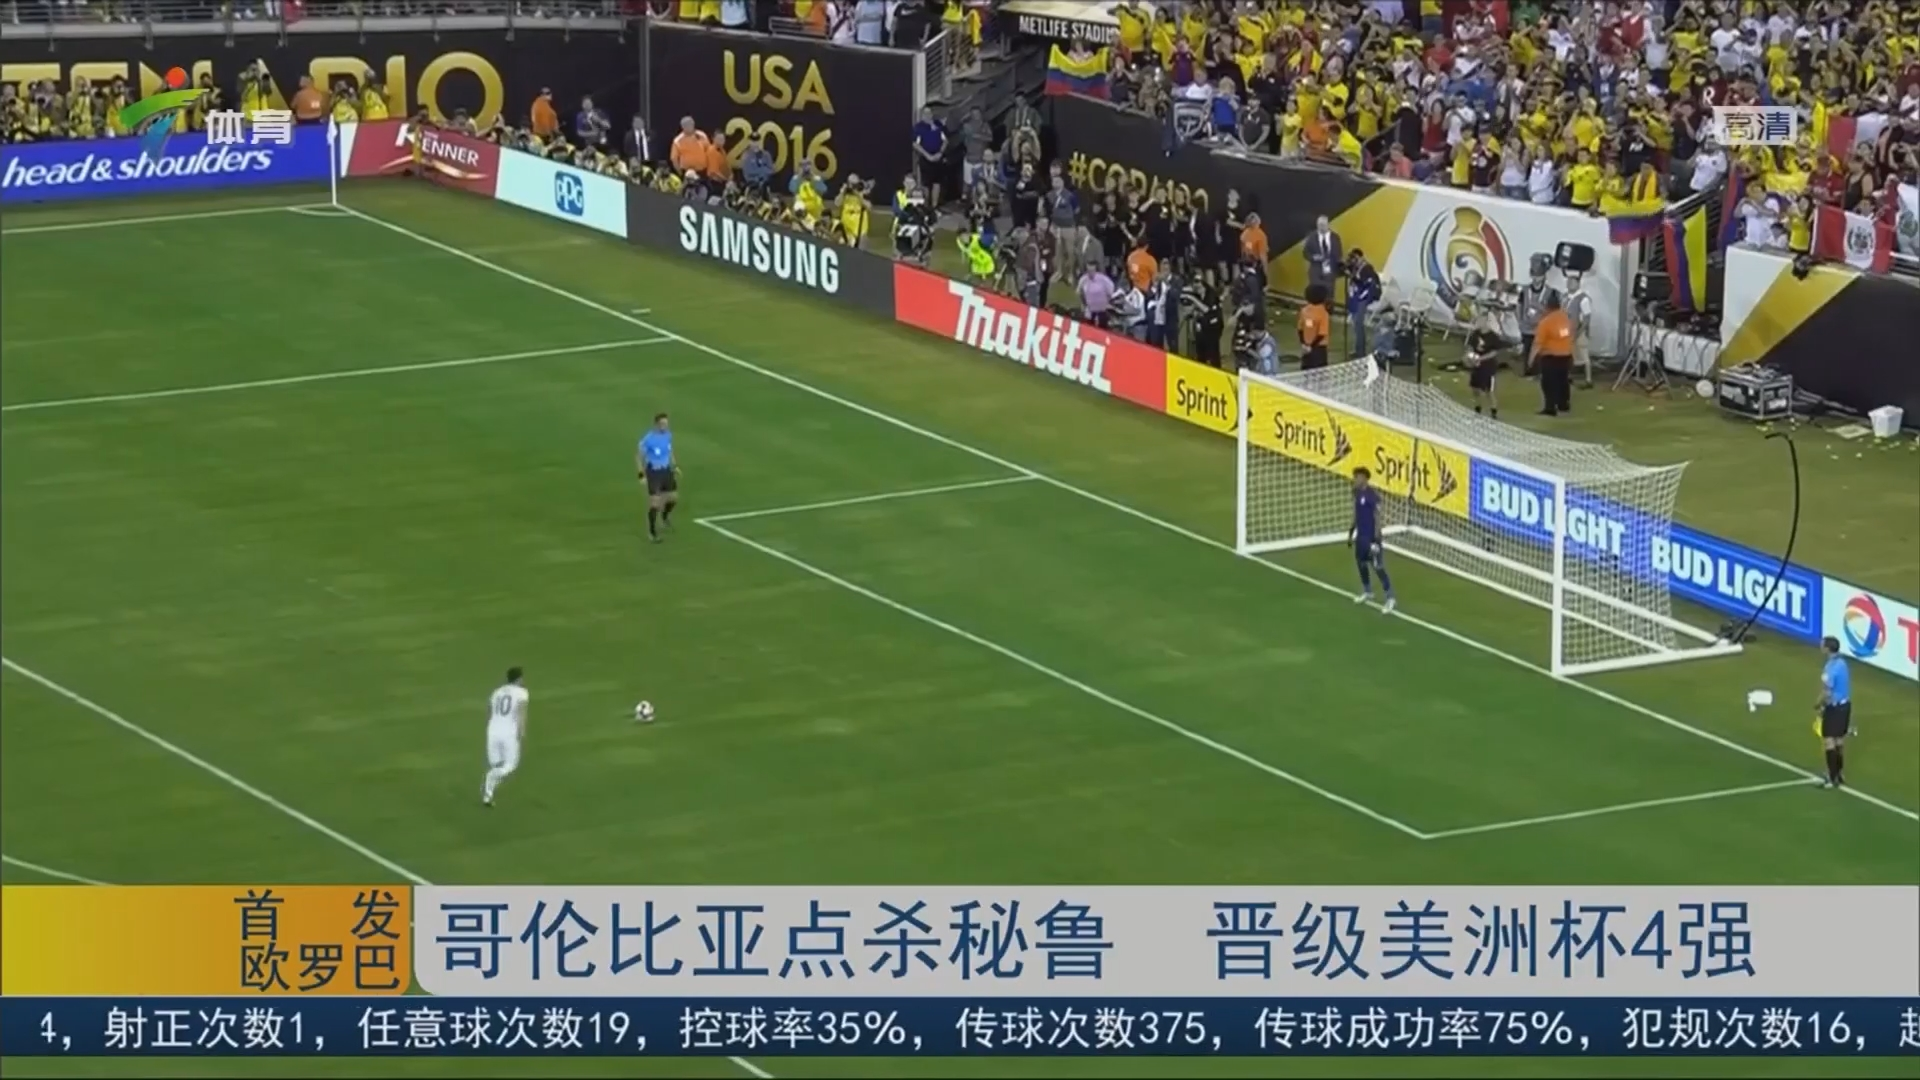 哥伦比亚点杀秘鲁 晋级美洲杯4强